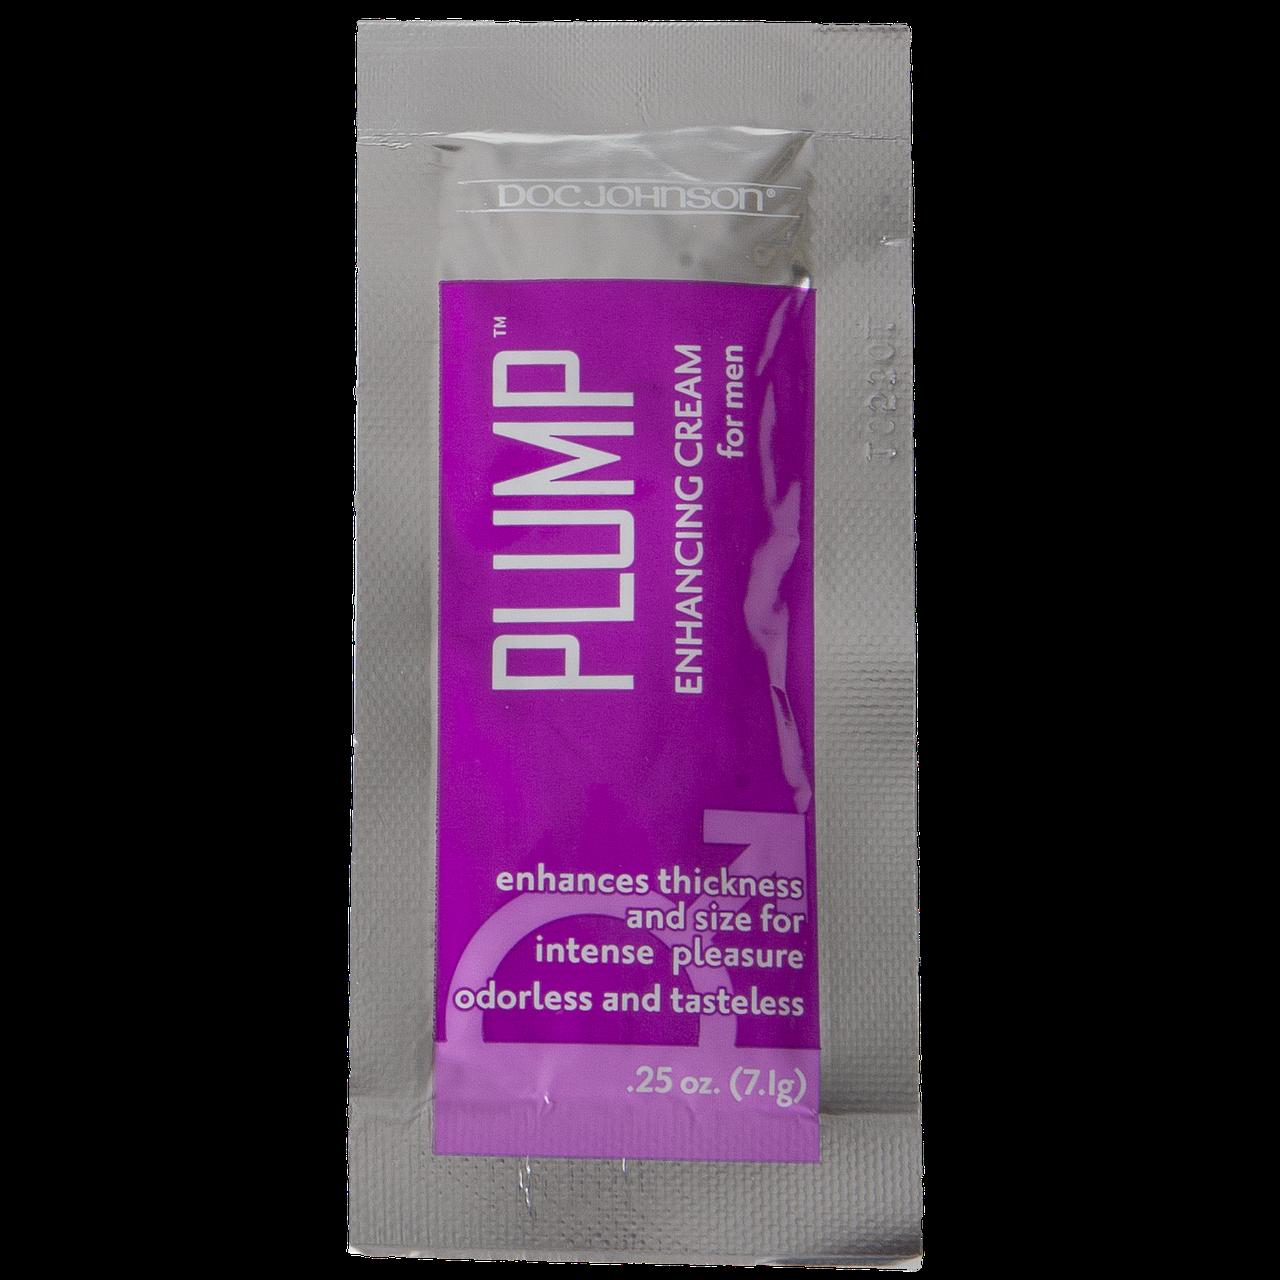 Крем для увеличения члена Doc Johnson Plump - Enhancing Cream For Men (7 гр)